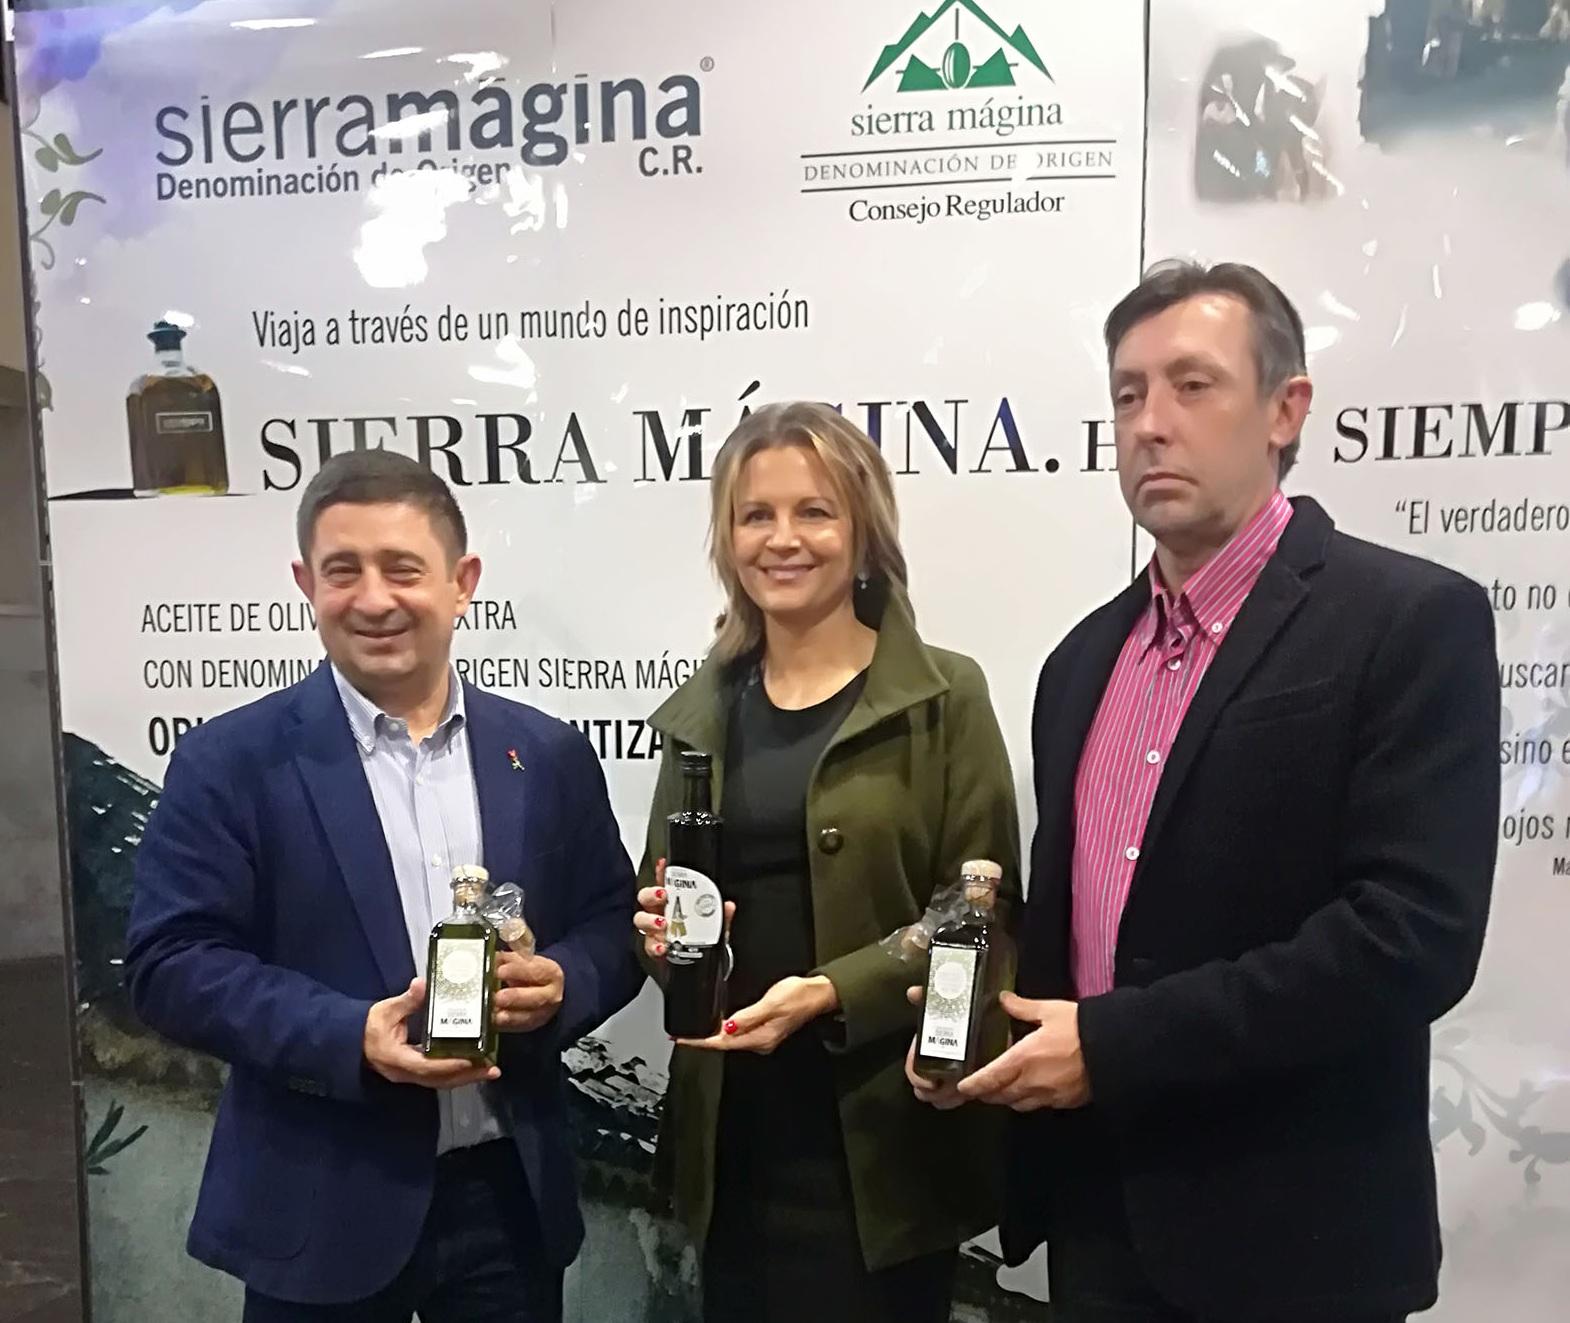 La DO Sierra Mágina presenta en el Palacio de Congresos de Jaén cerca de 40 primeros aceites vírgene